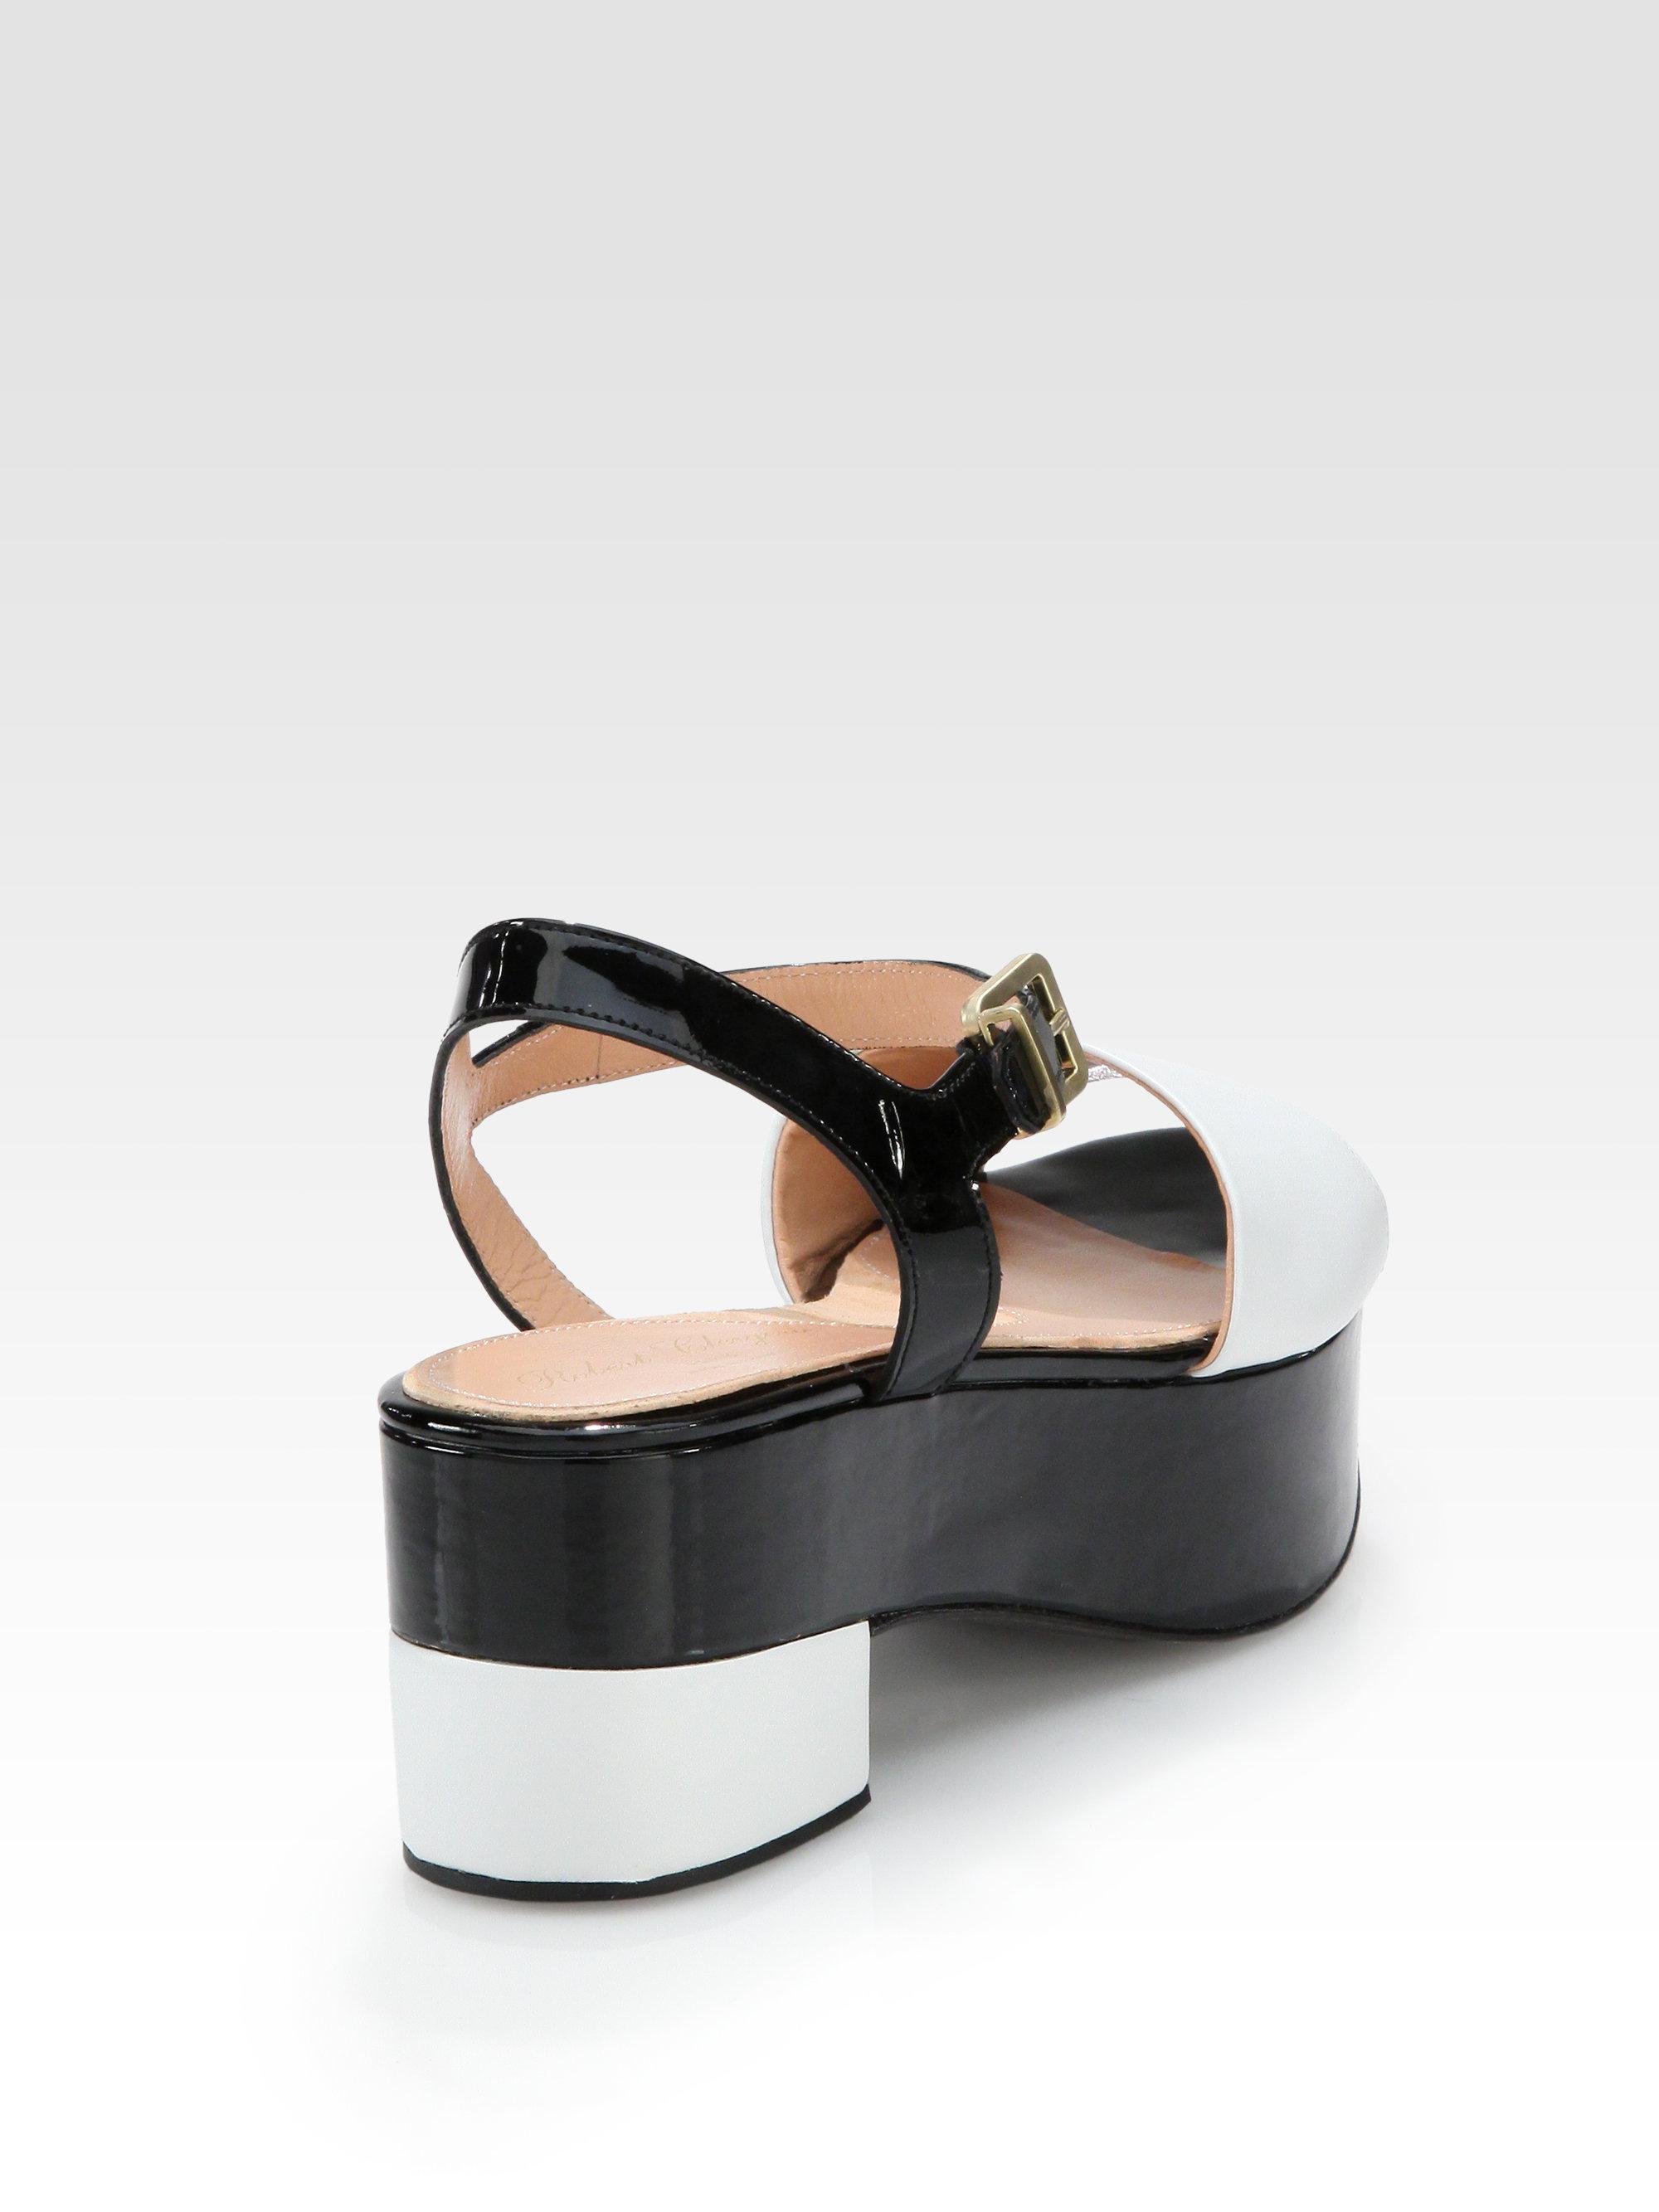 528ae566af8 Lyst - Robert Clergerie Ekora Bicolor Patent Leather Platform ...